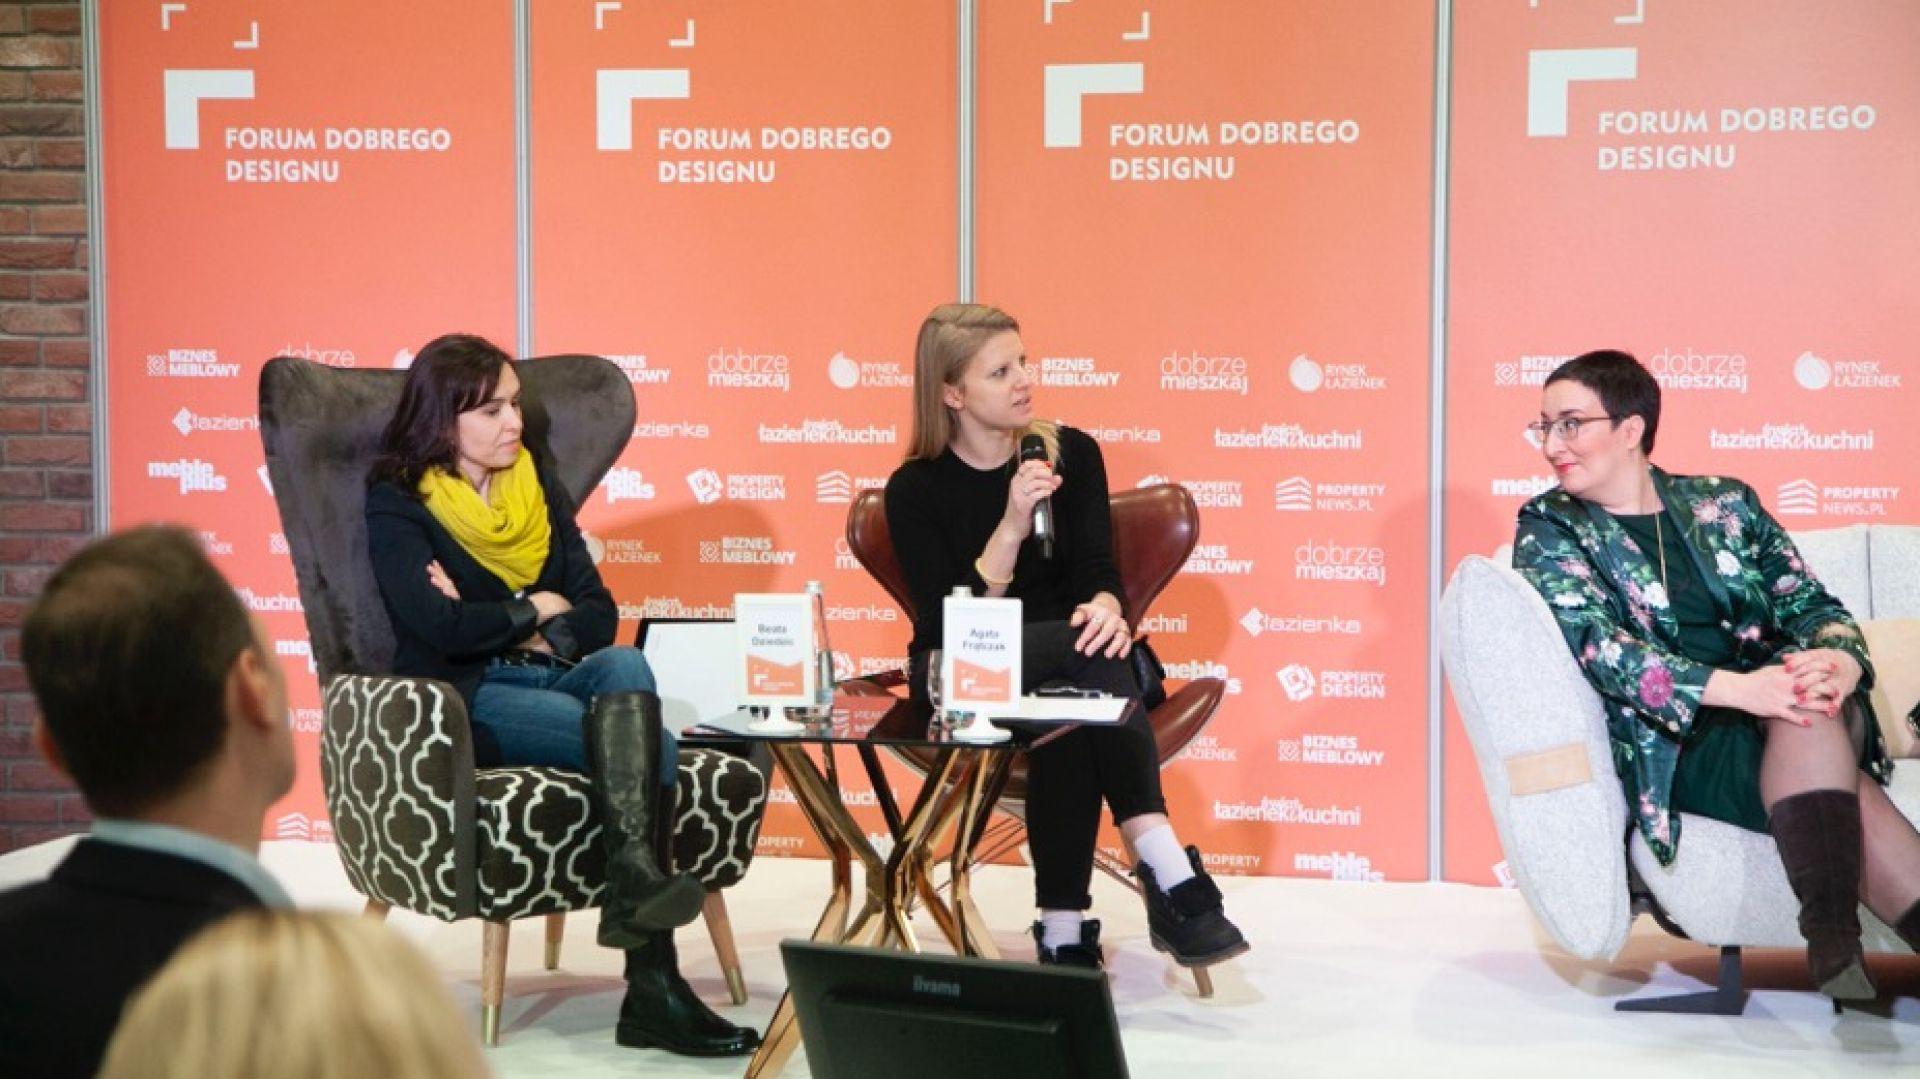 Forum Dobrego Designu 2019. Fot. Paweł Pawłowski